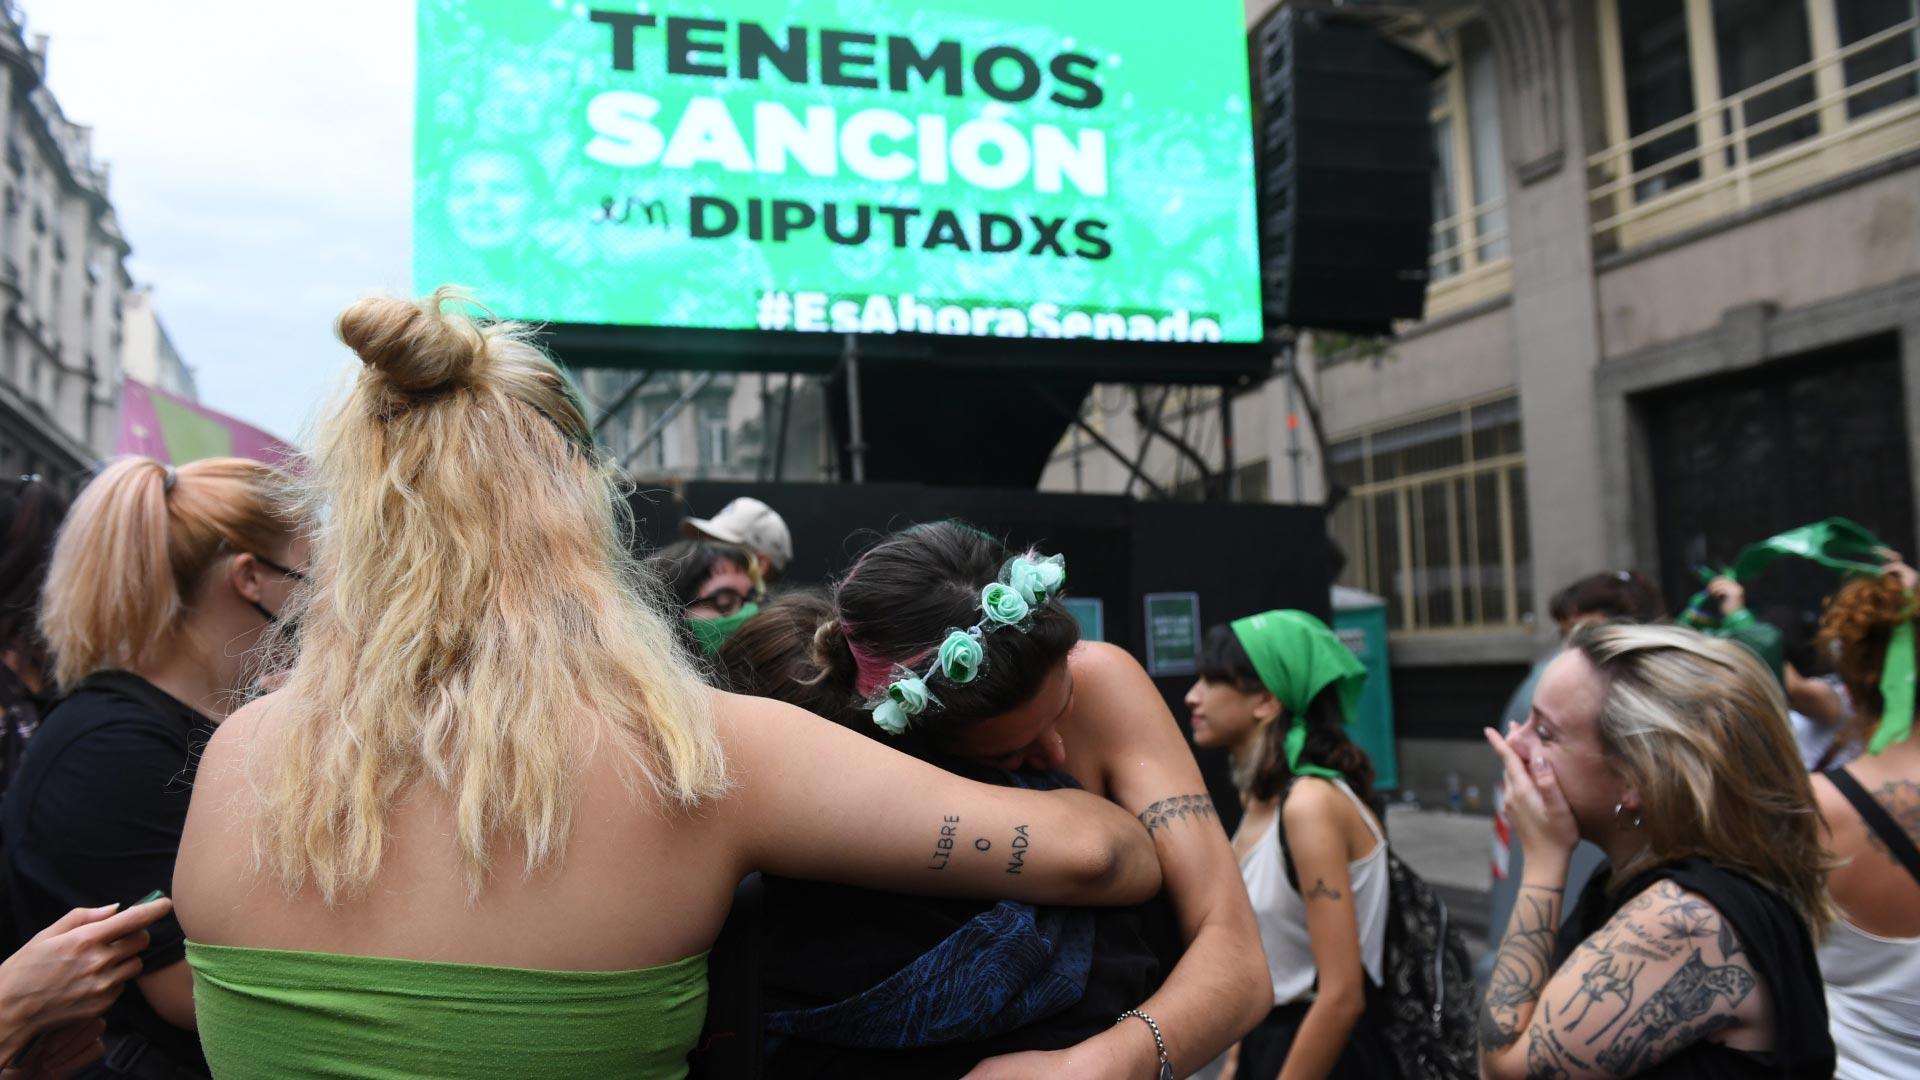 Varias veces el presidente del cuerpo, Sergio Massa, pidió respetar los tiempos acordados: 5 minutos por cada diputado y diputada. Los excesos fueron extendiendo el debate y postergando la hora de votación.